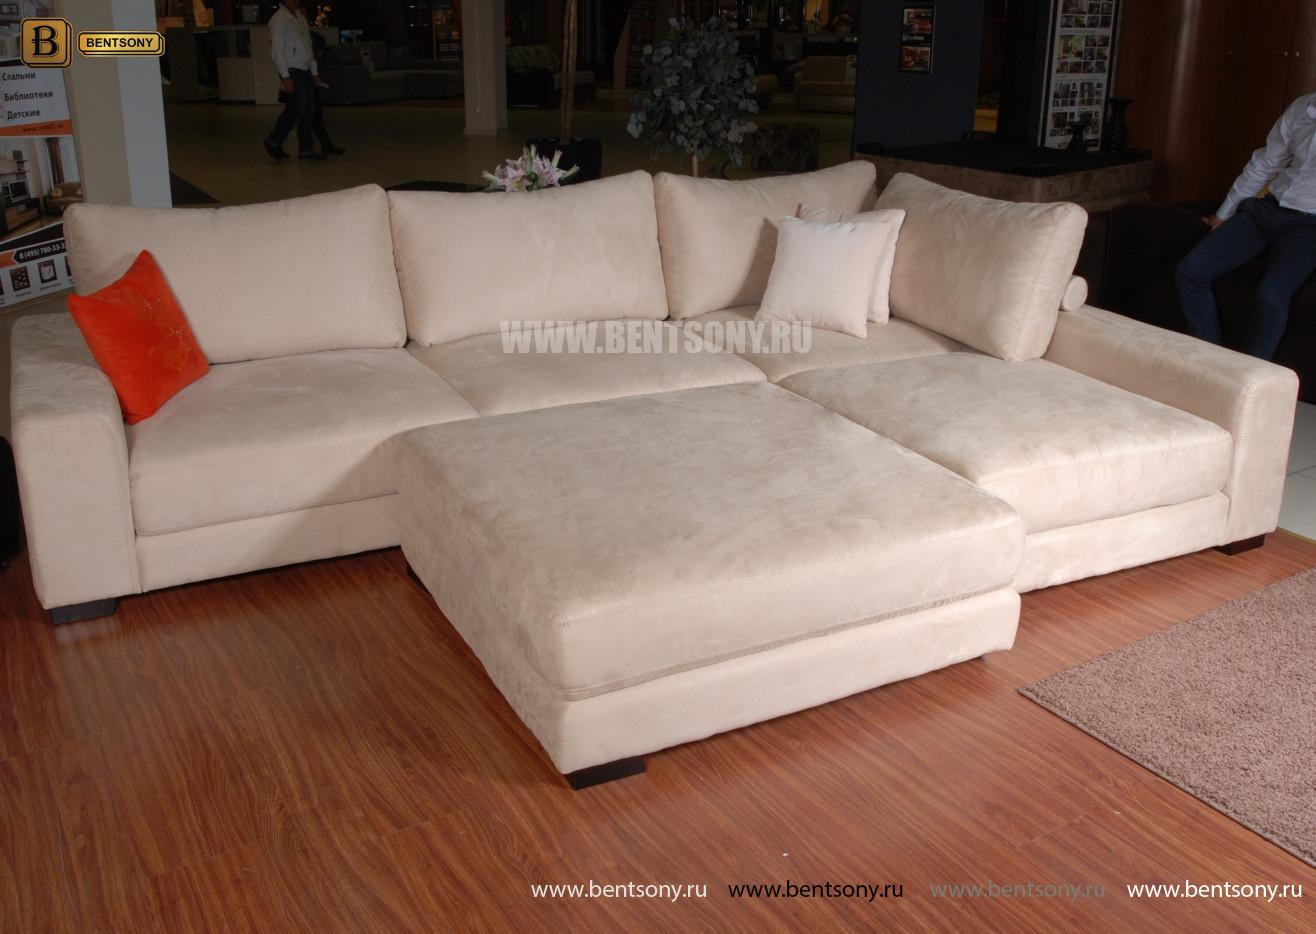 светлый модульный диван Луиджи для гостинной